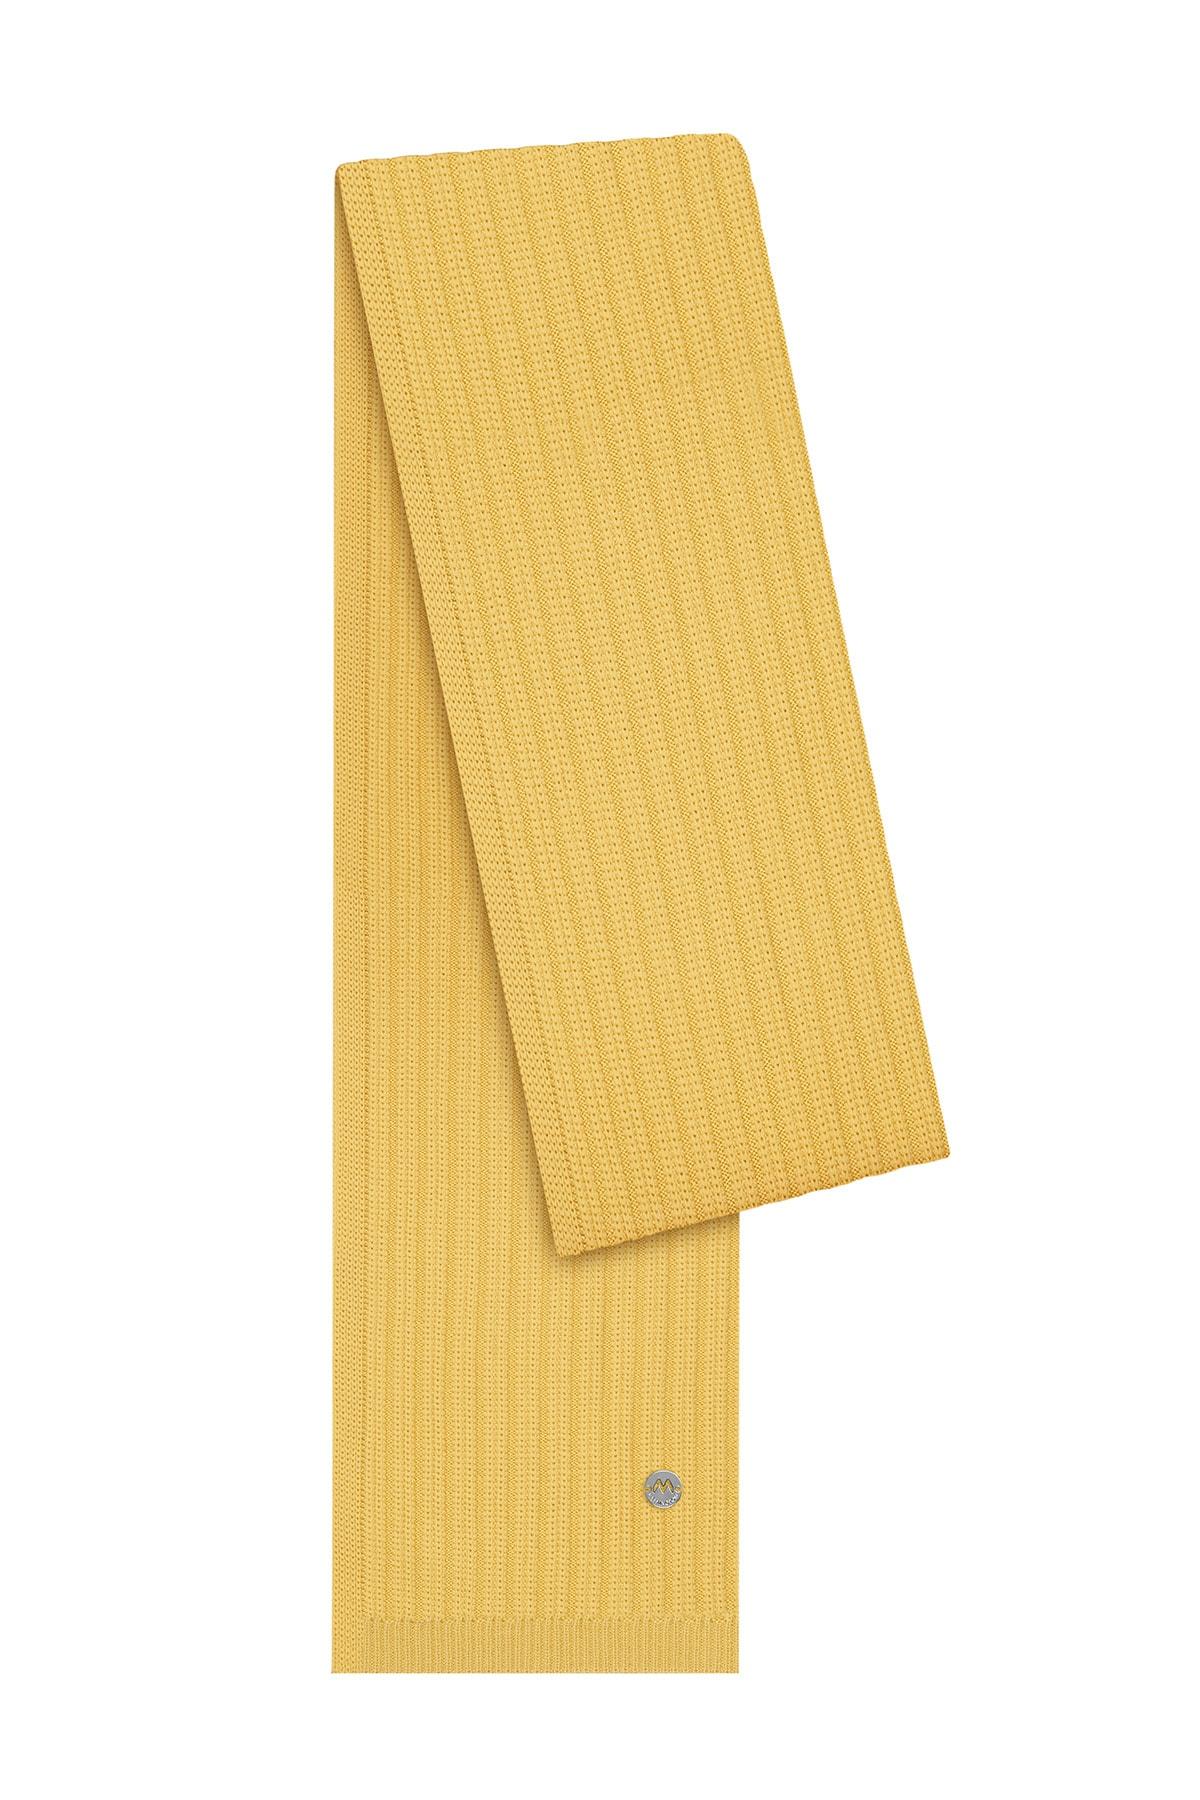 Hemington Erkek Sarı Yün Atkı 1